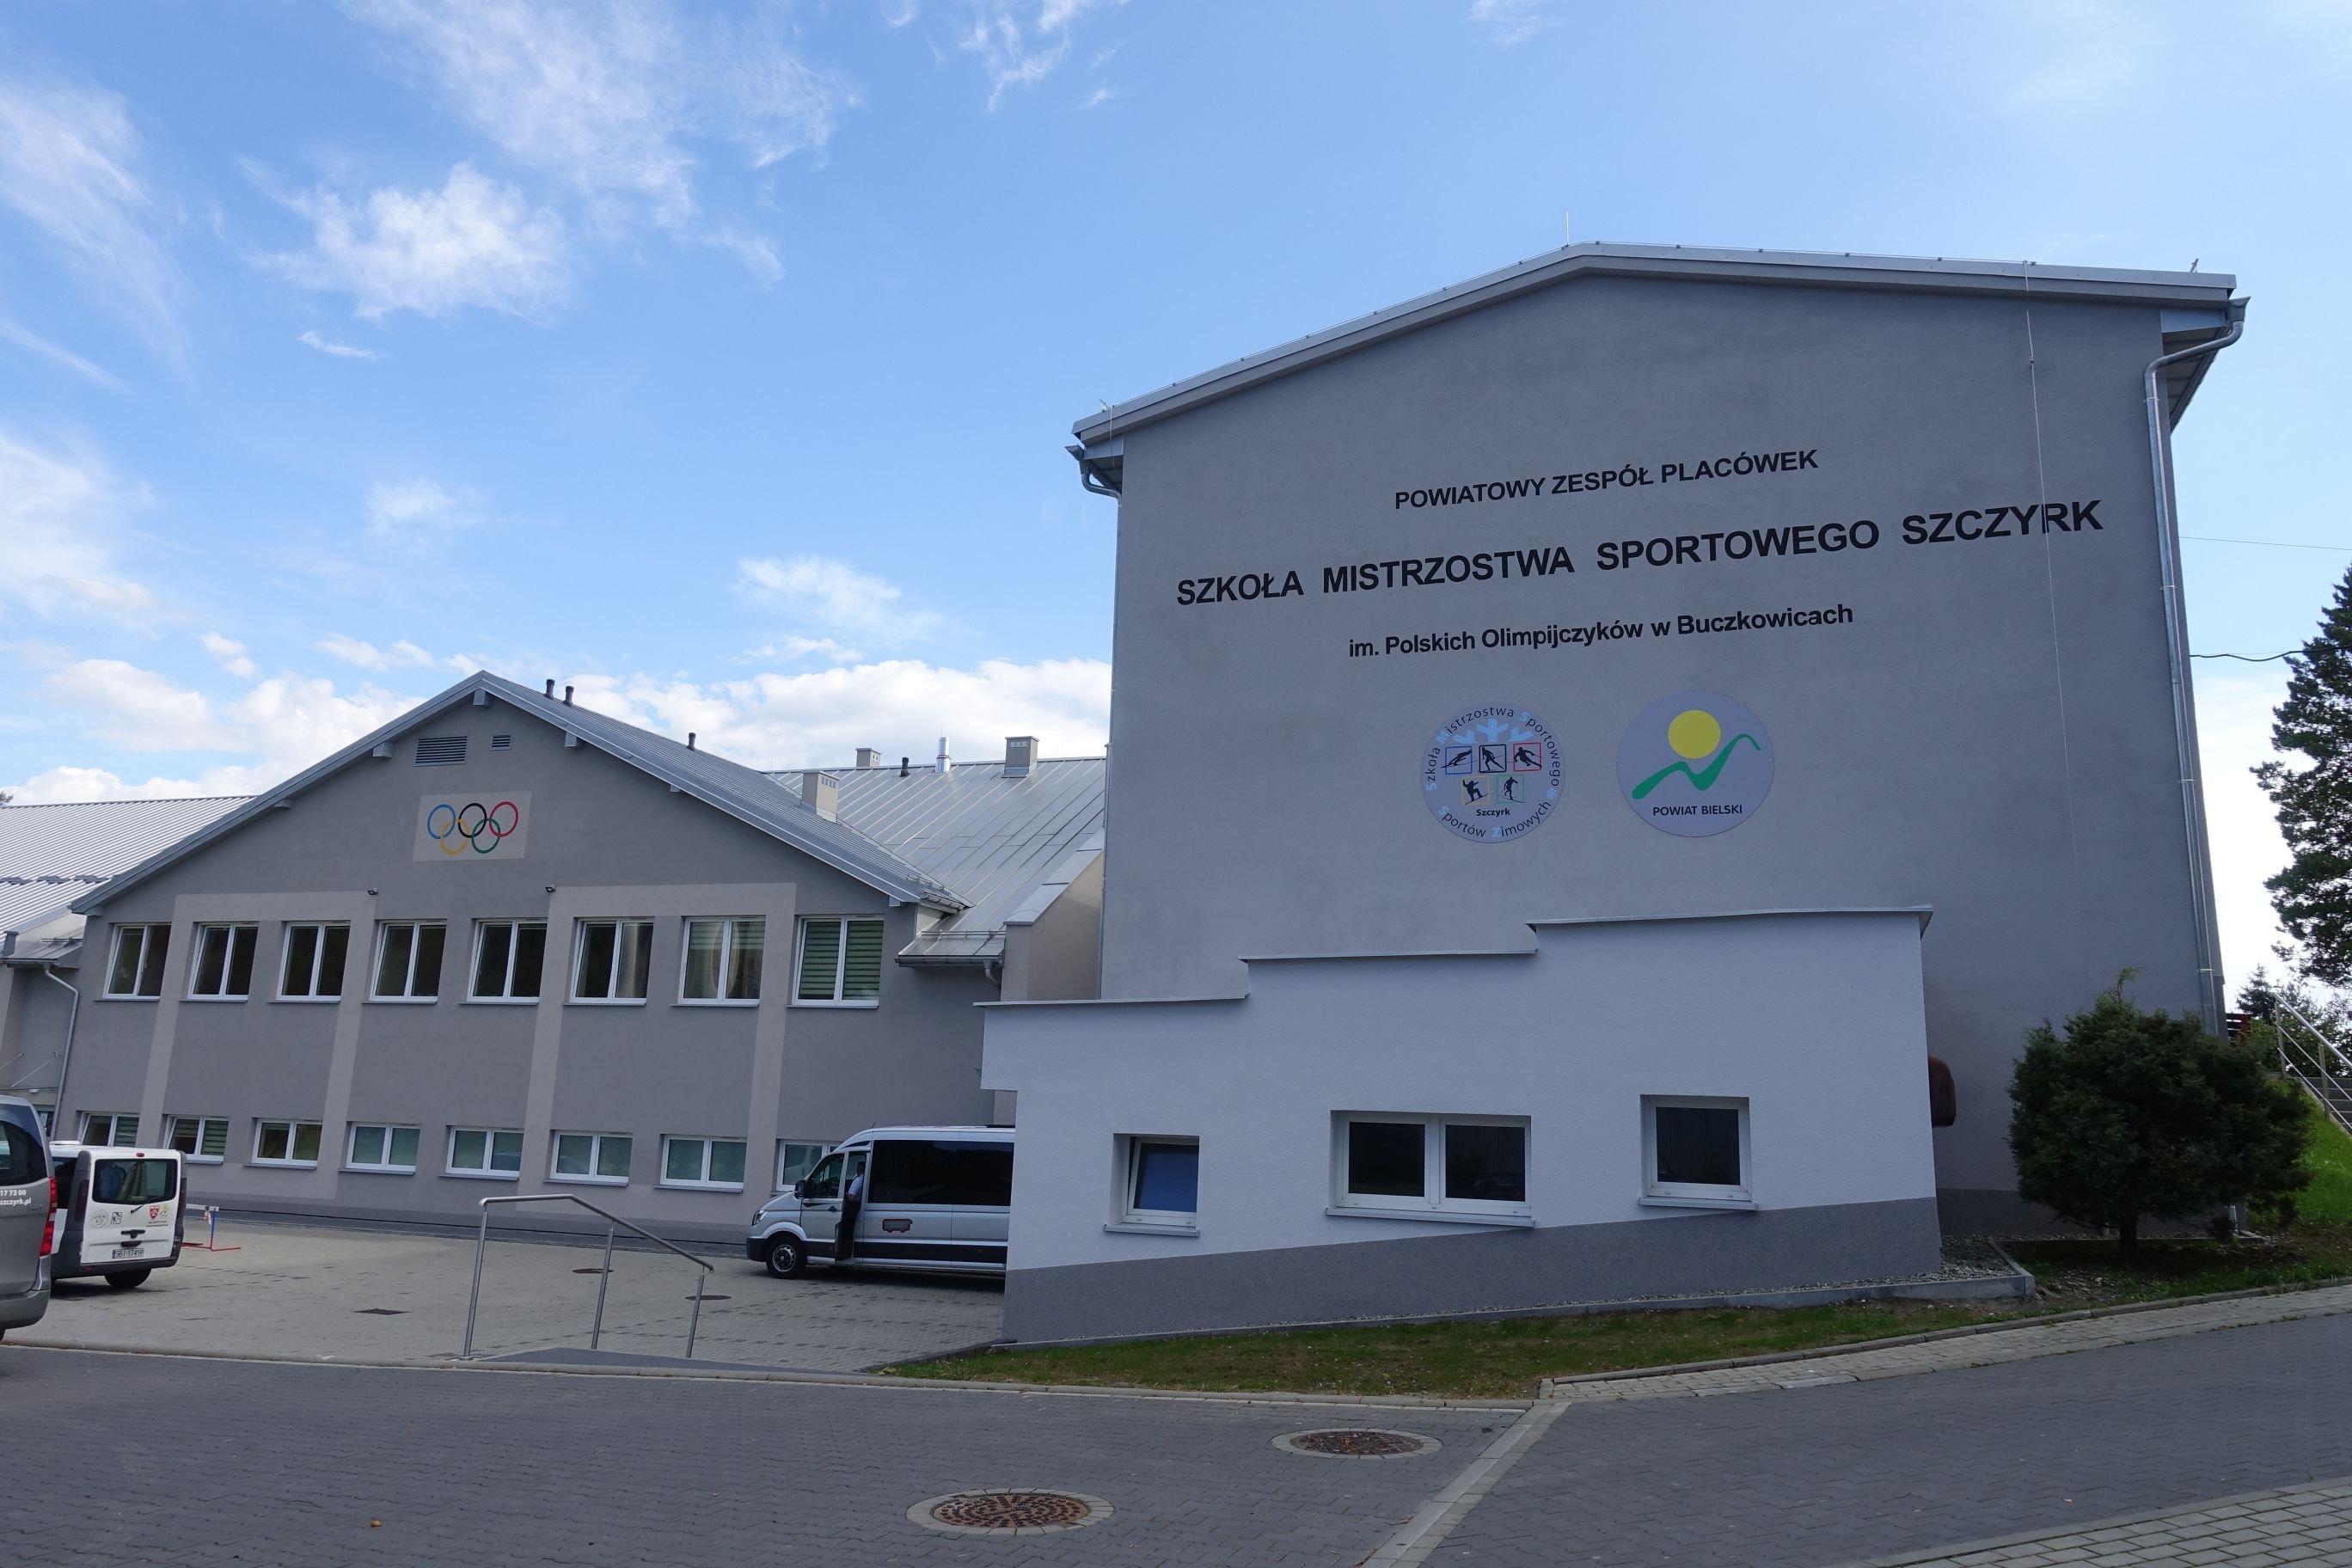 Nowy dyrektor w Porąbce, w Szczyrku bez zmian